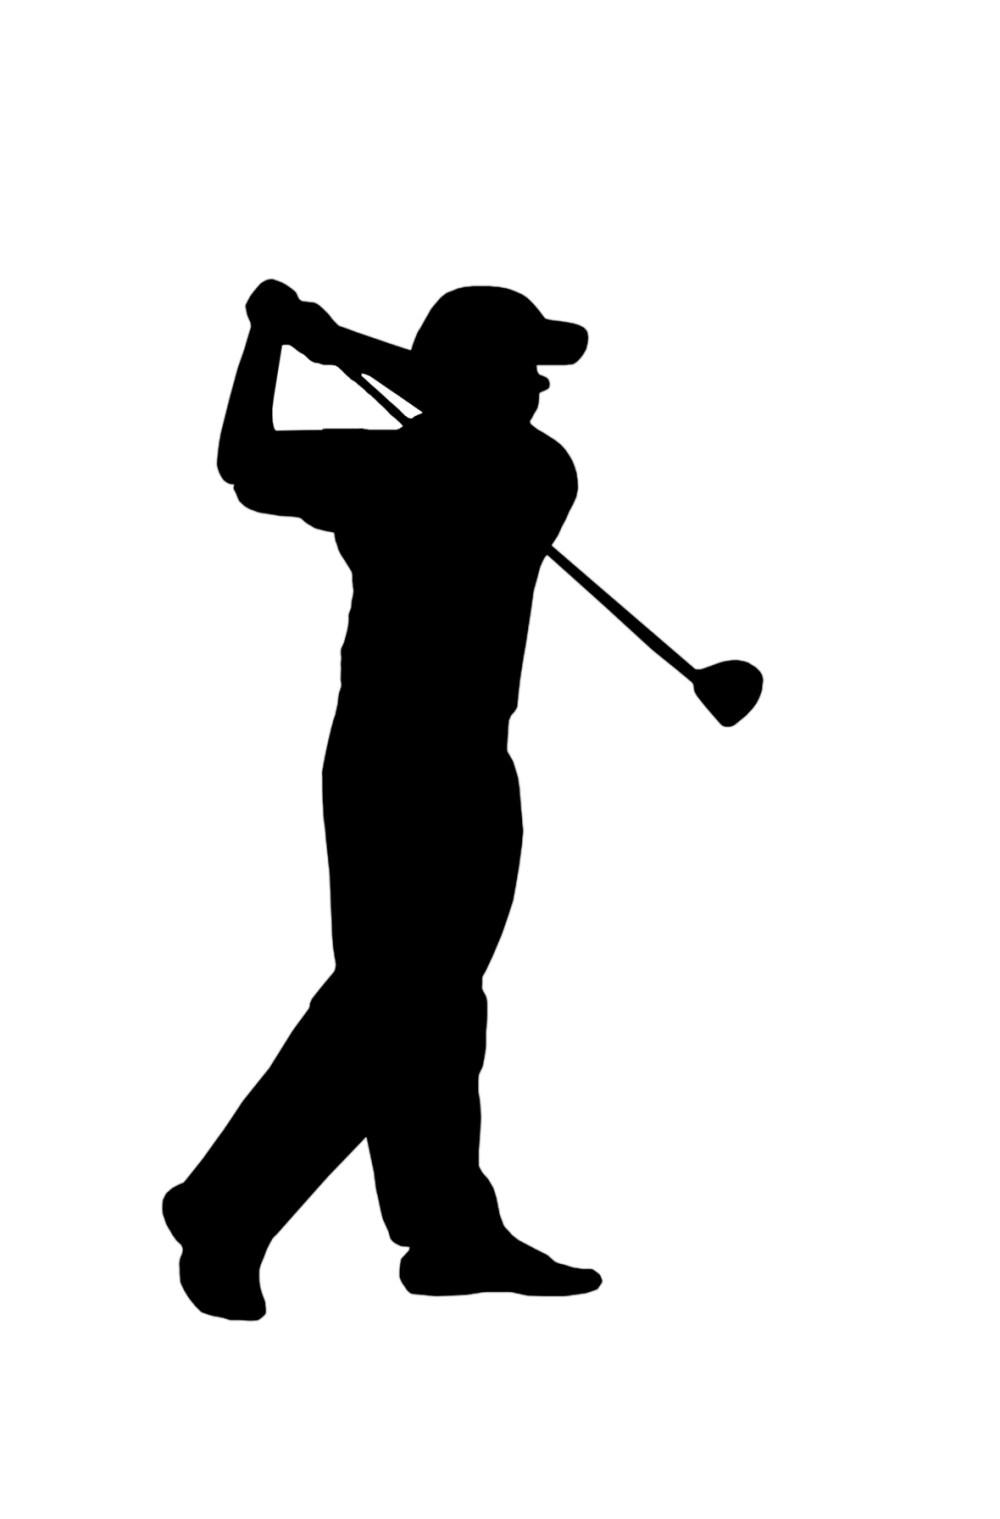 medium resolution of golf